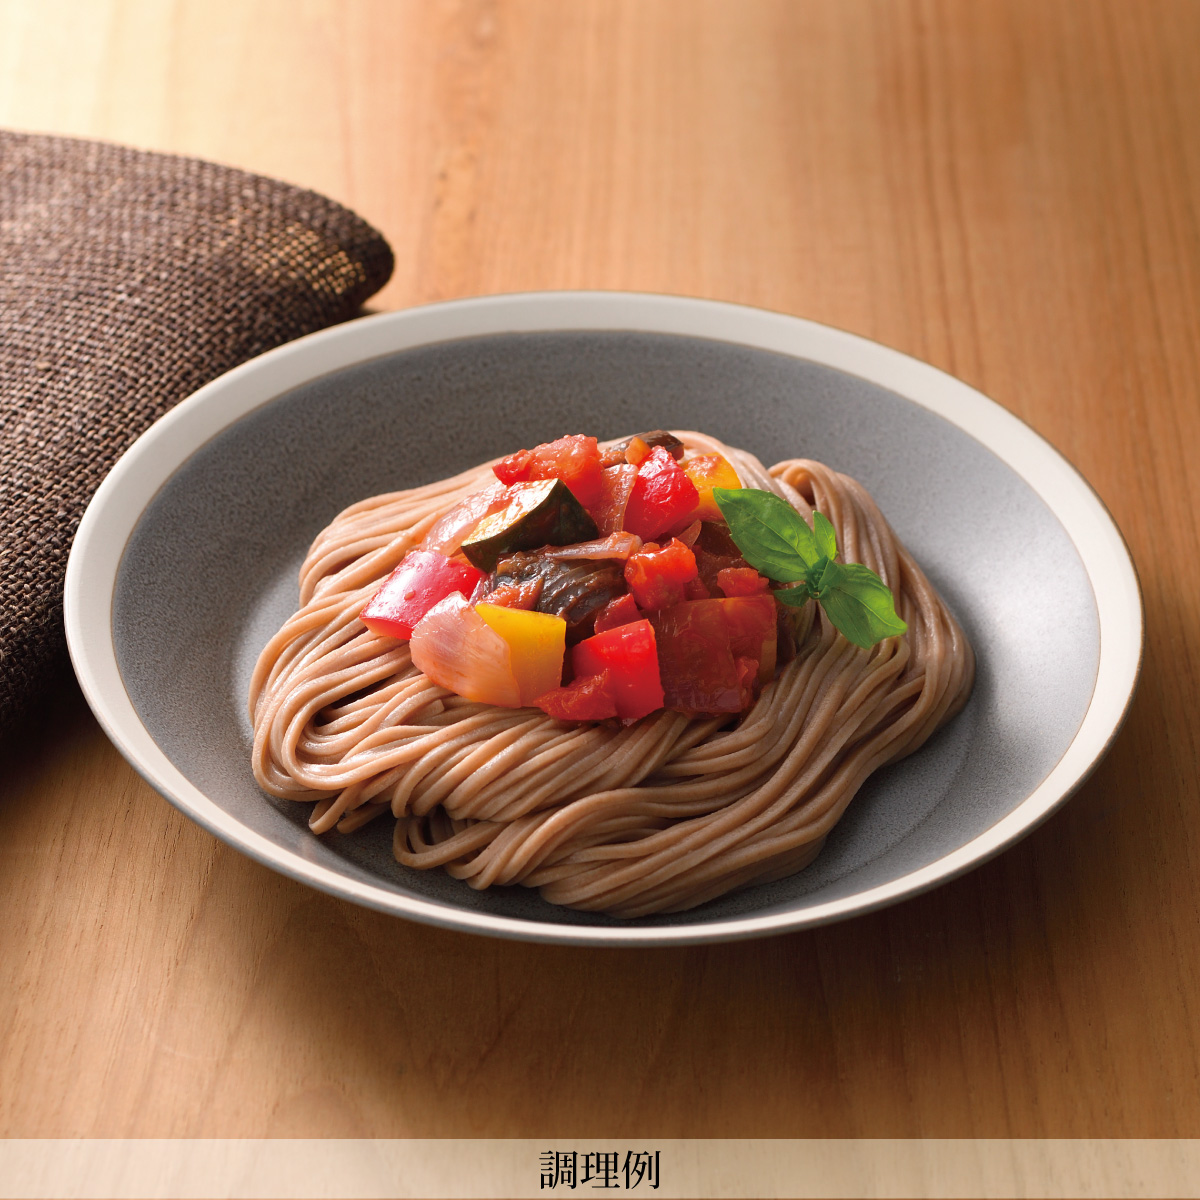 国産小麦をまるごと使った食物繊維たっぷり細うどん(1袋)